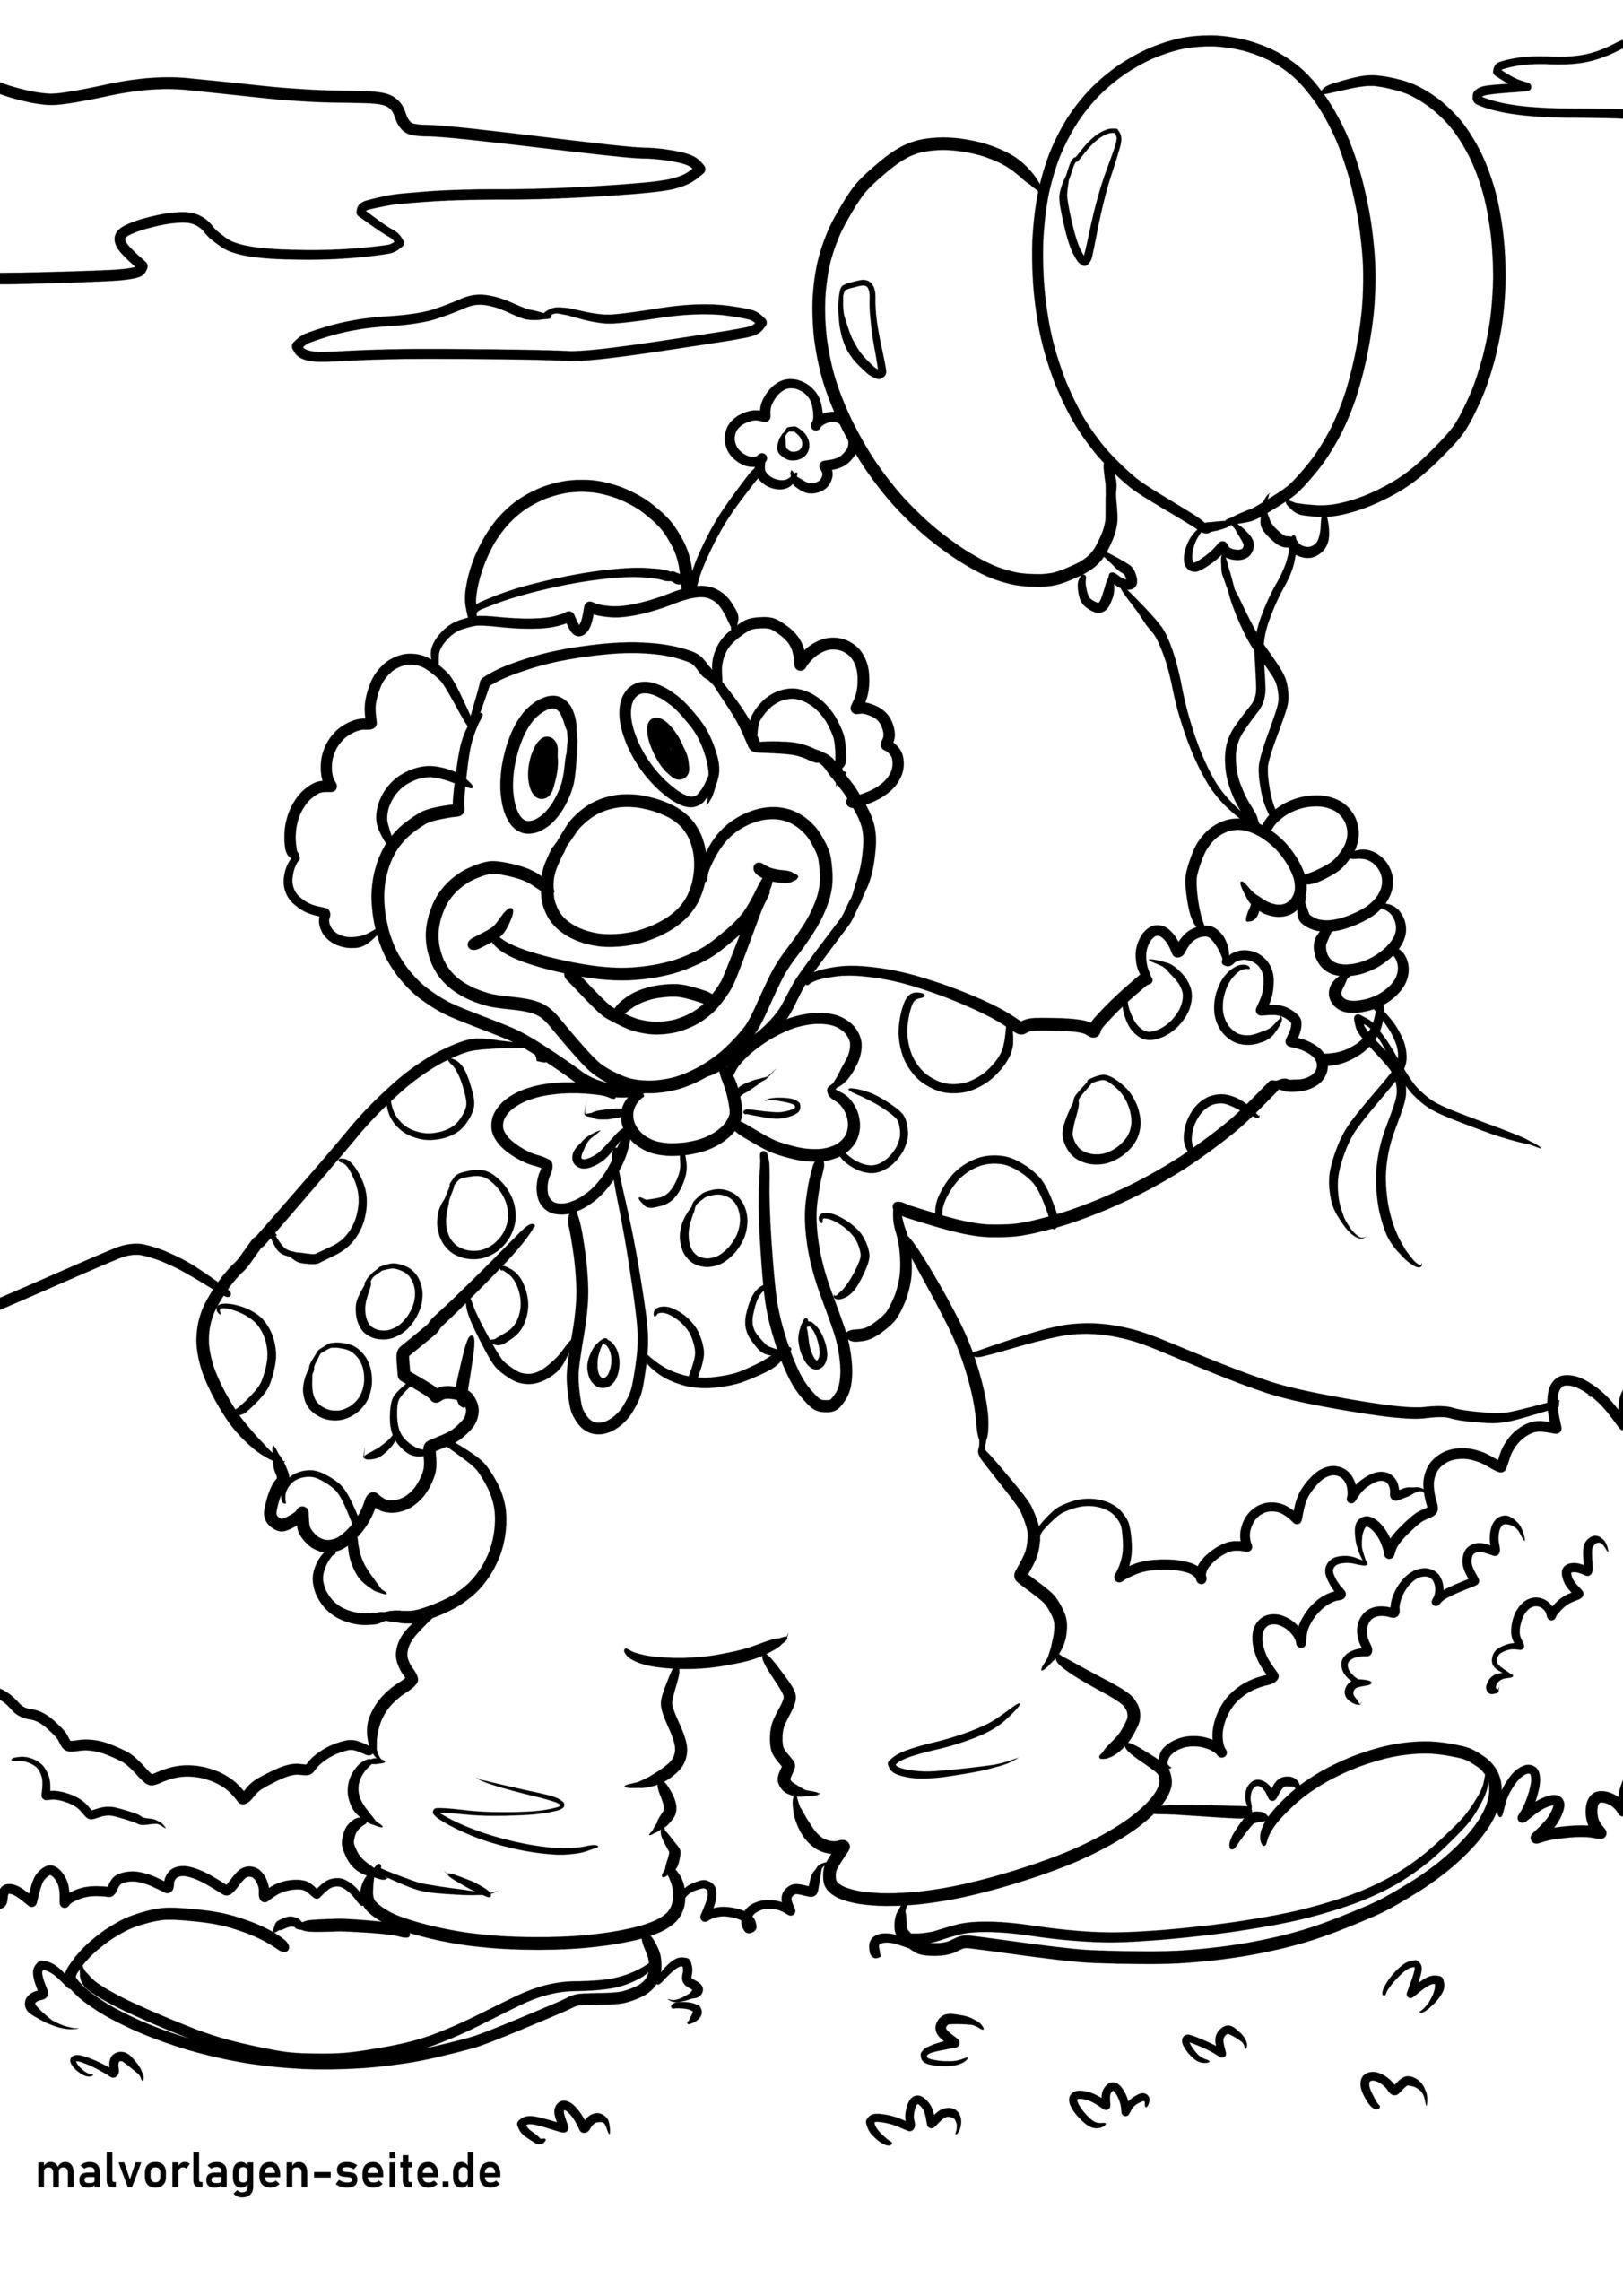 Tolle Malvorlage Clown - Kostenlose Ausmalbilder